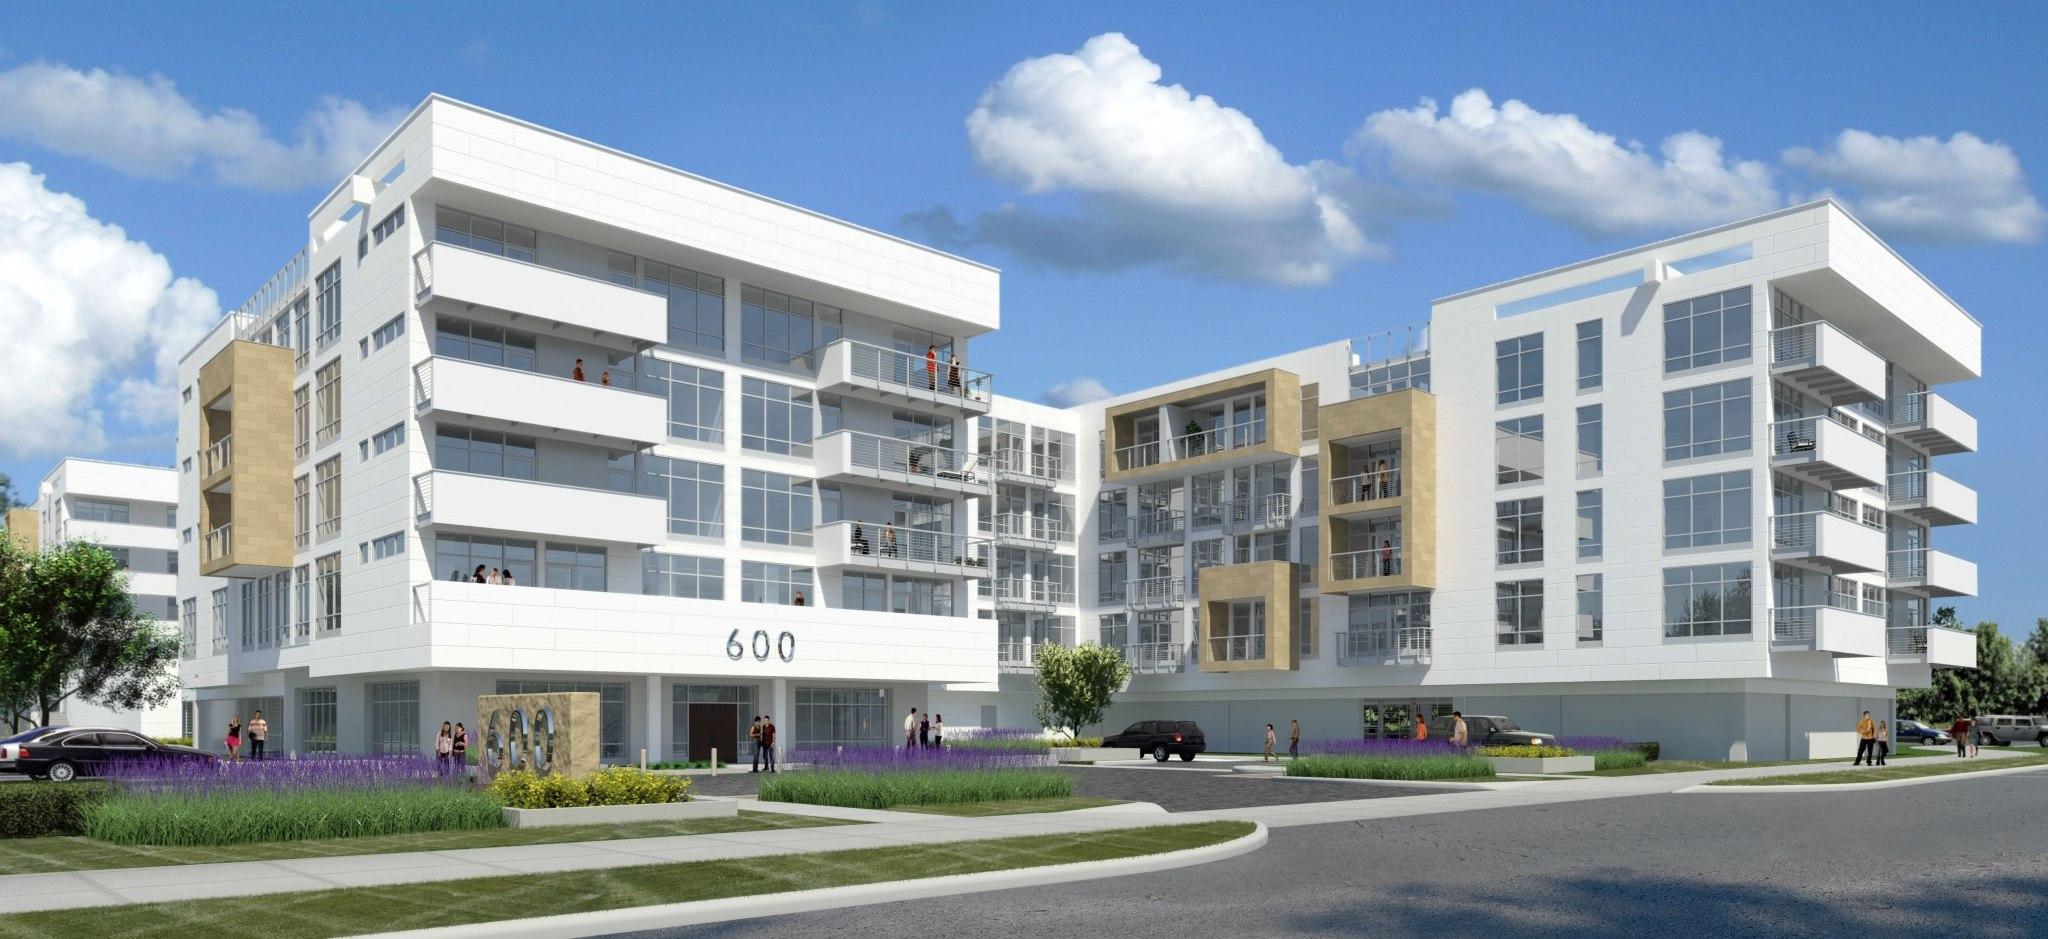 3 Bedroom Apartments In Columbus Ohio 43232. apartments in